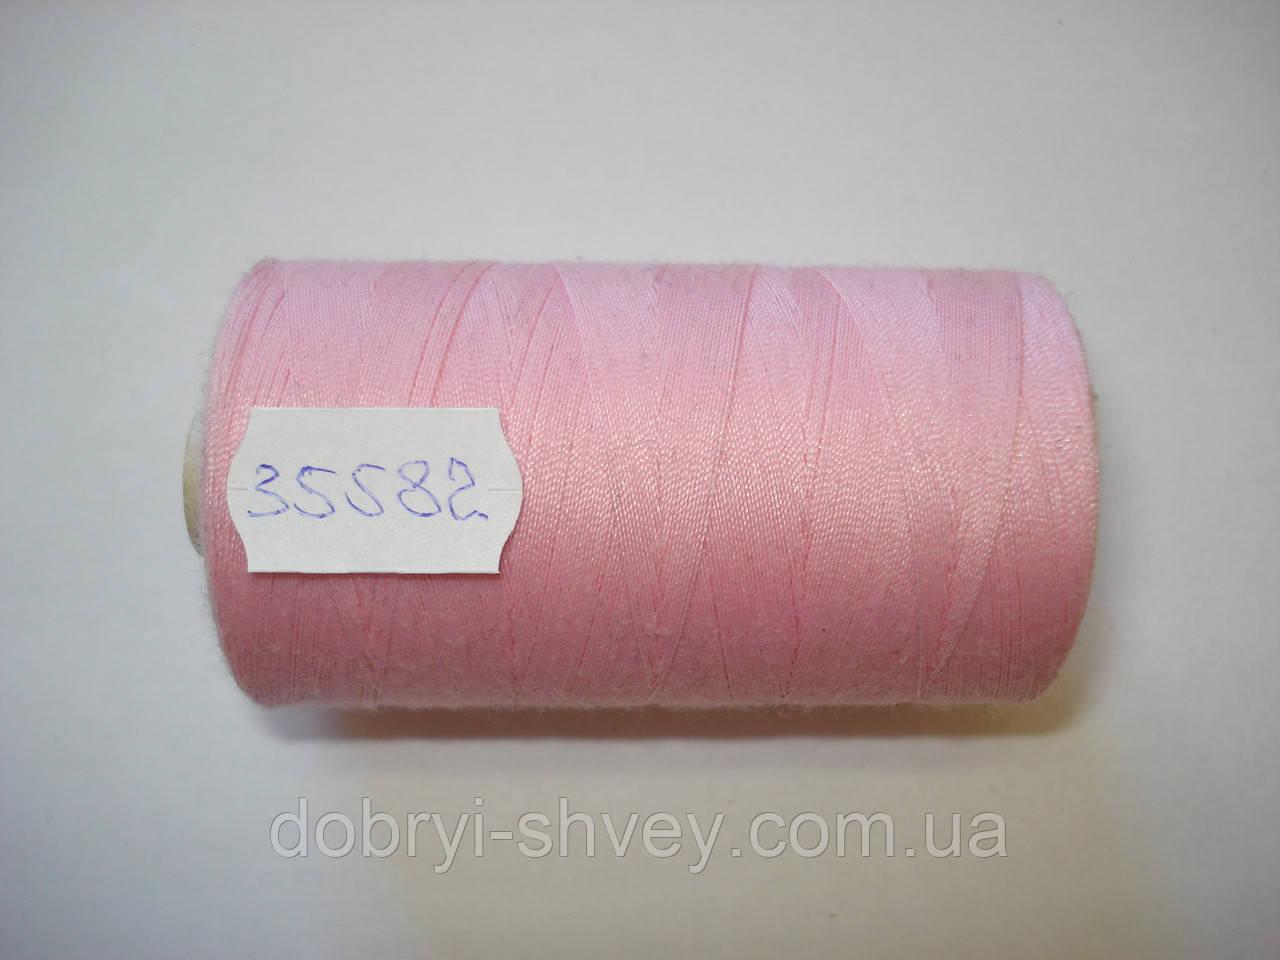 Нитка ALTERFIL №80 1000м.col 35582 розовый (шт.)